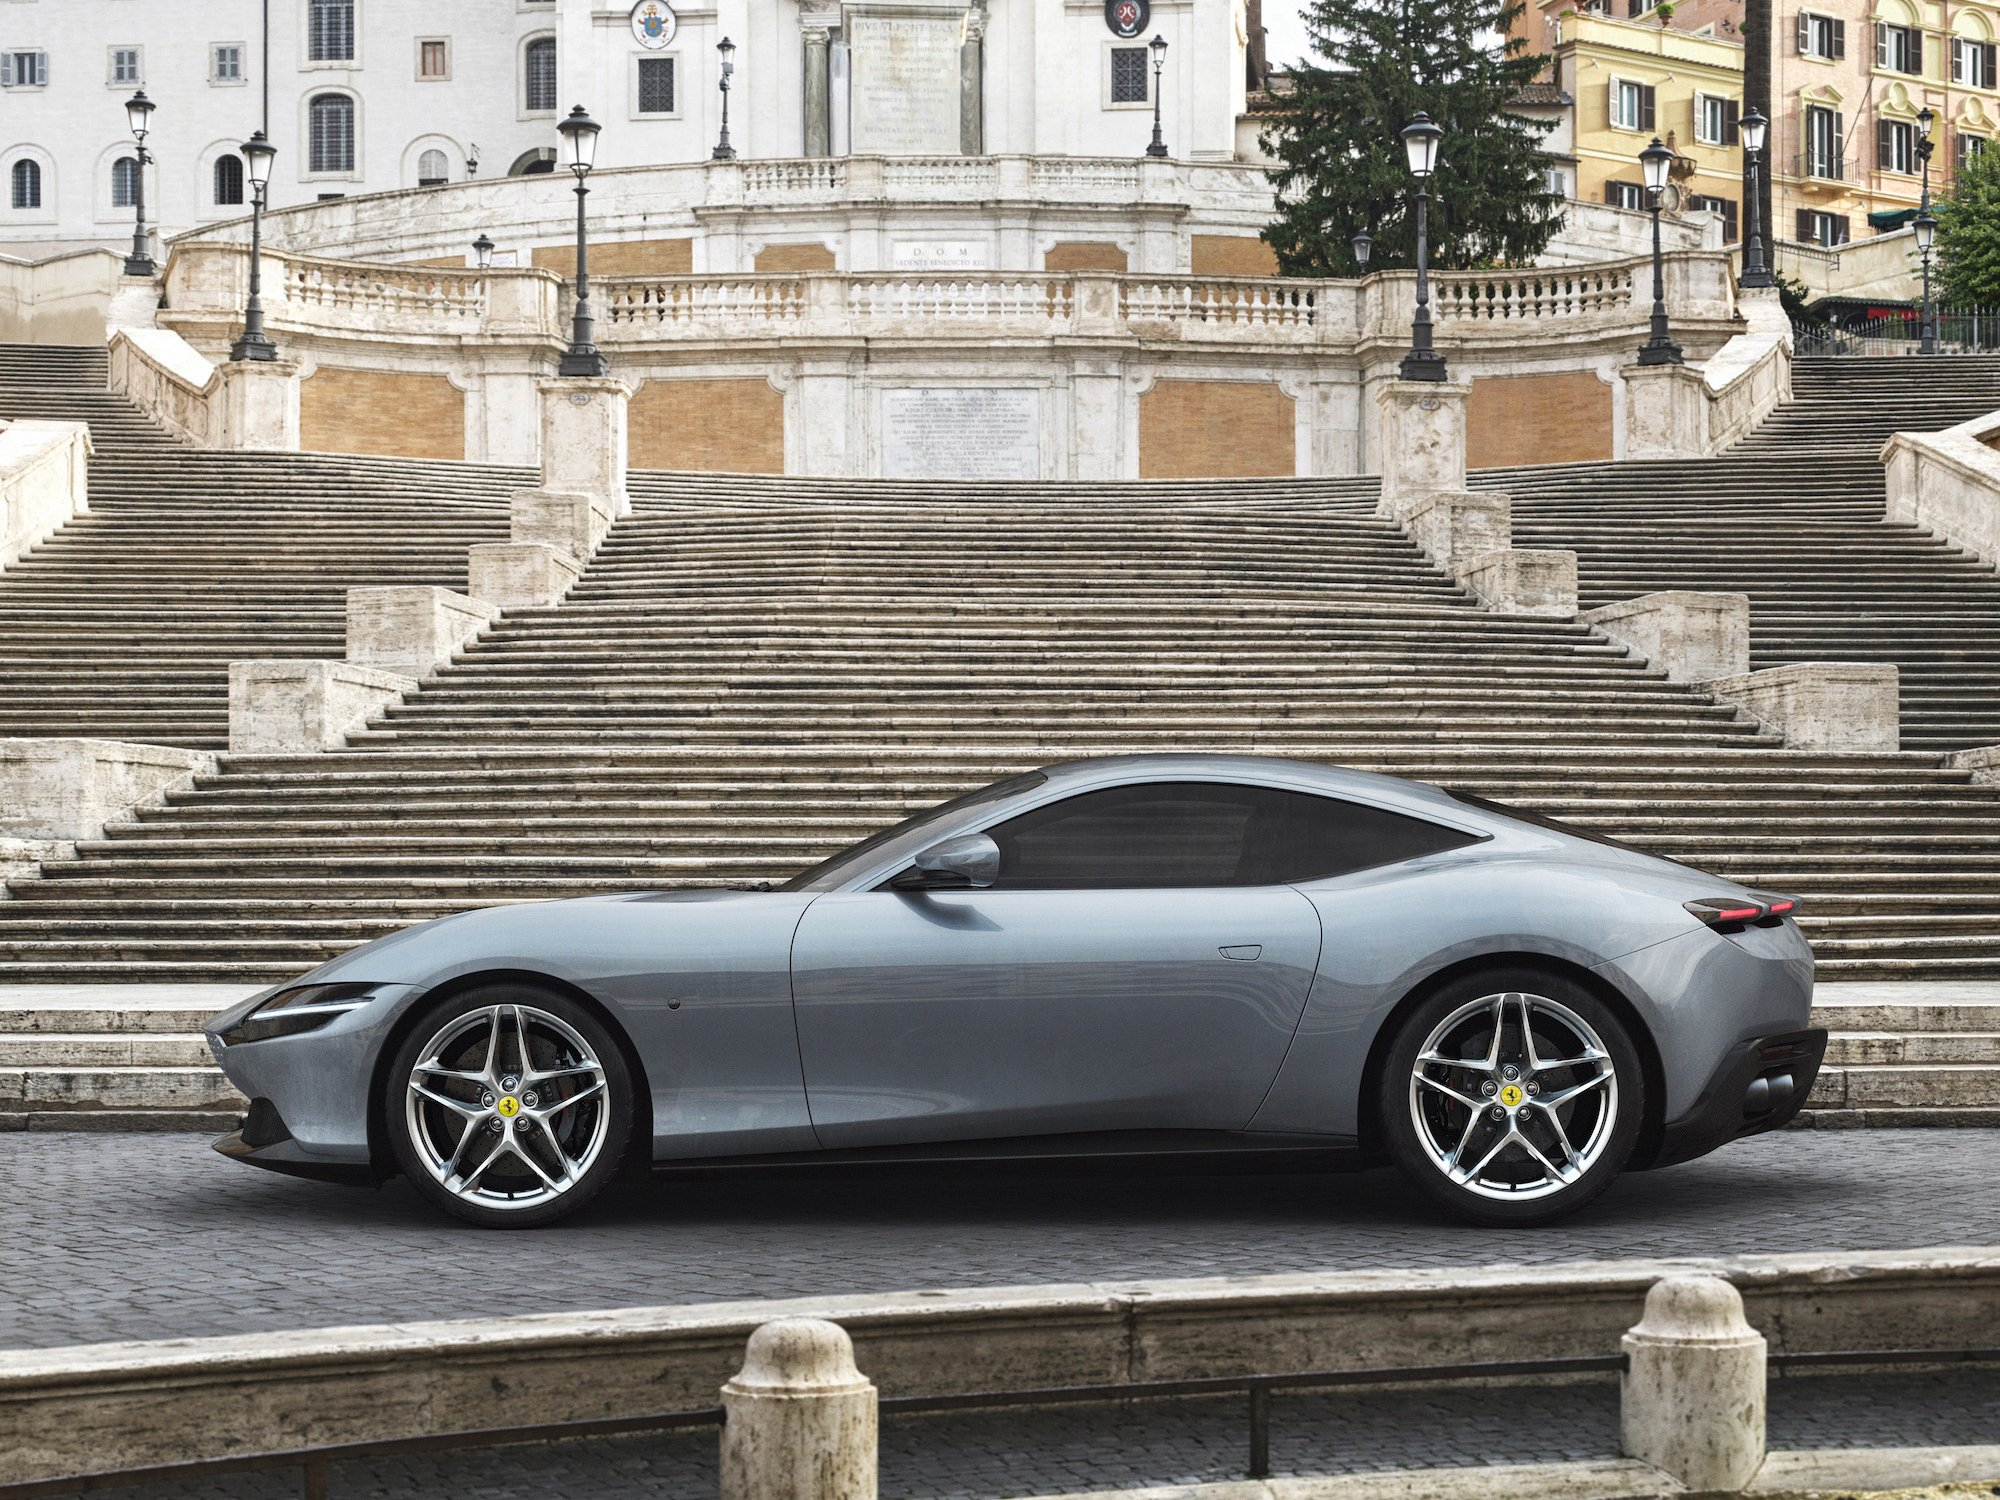 la ferrari ha appena presentato il suo nuovo coupe roma ed e uno storditore gara 2 - La Ferrari ha appena presentato il suo nuovo coupé Roma